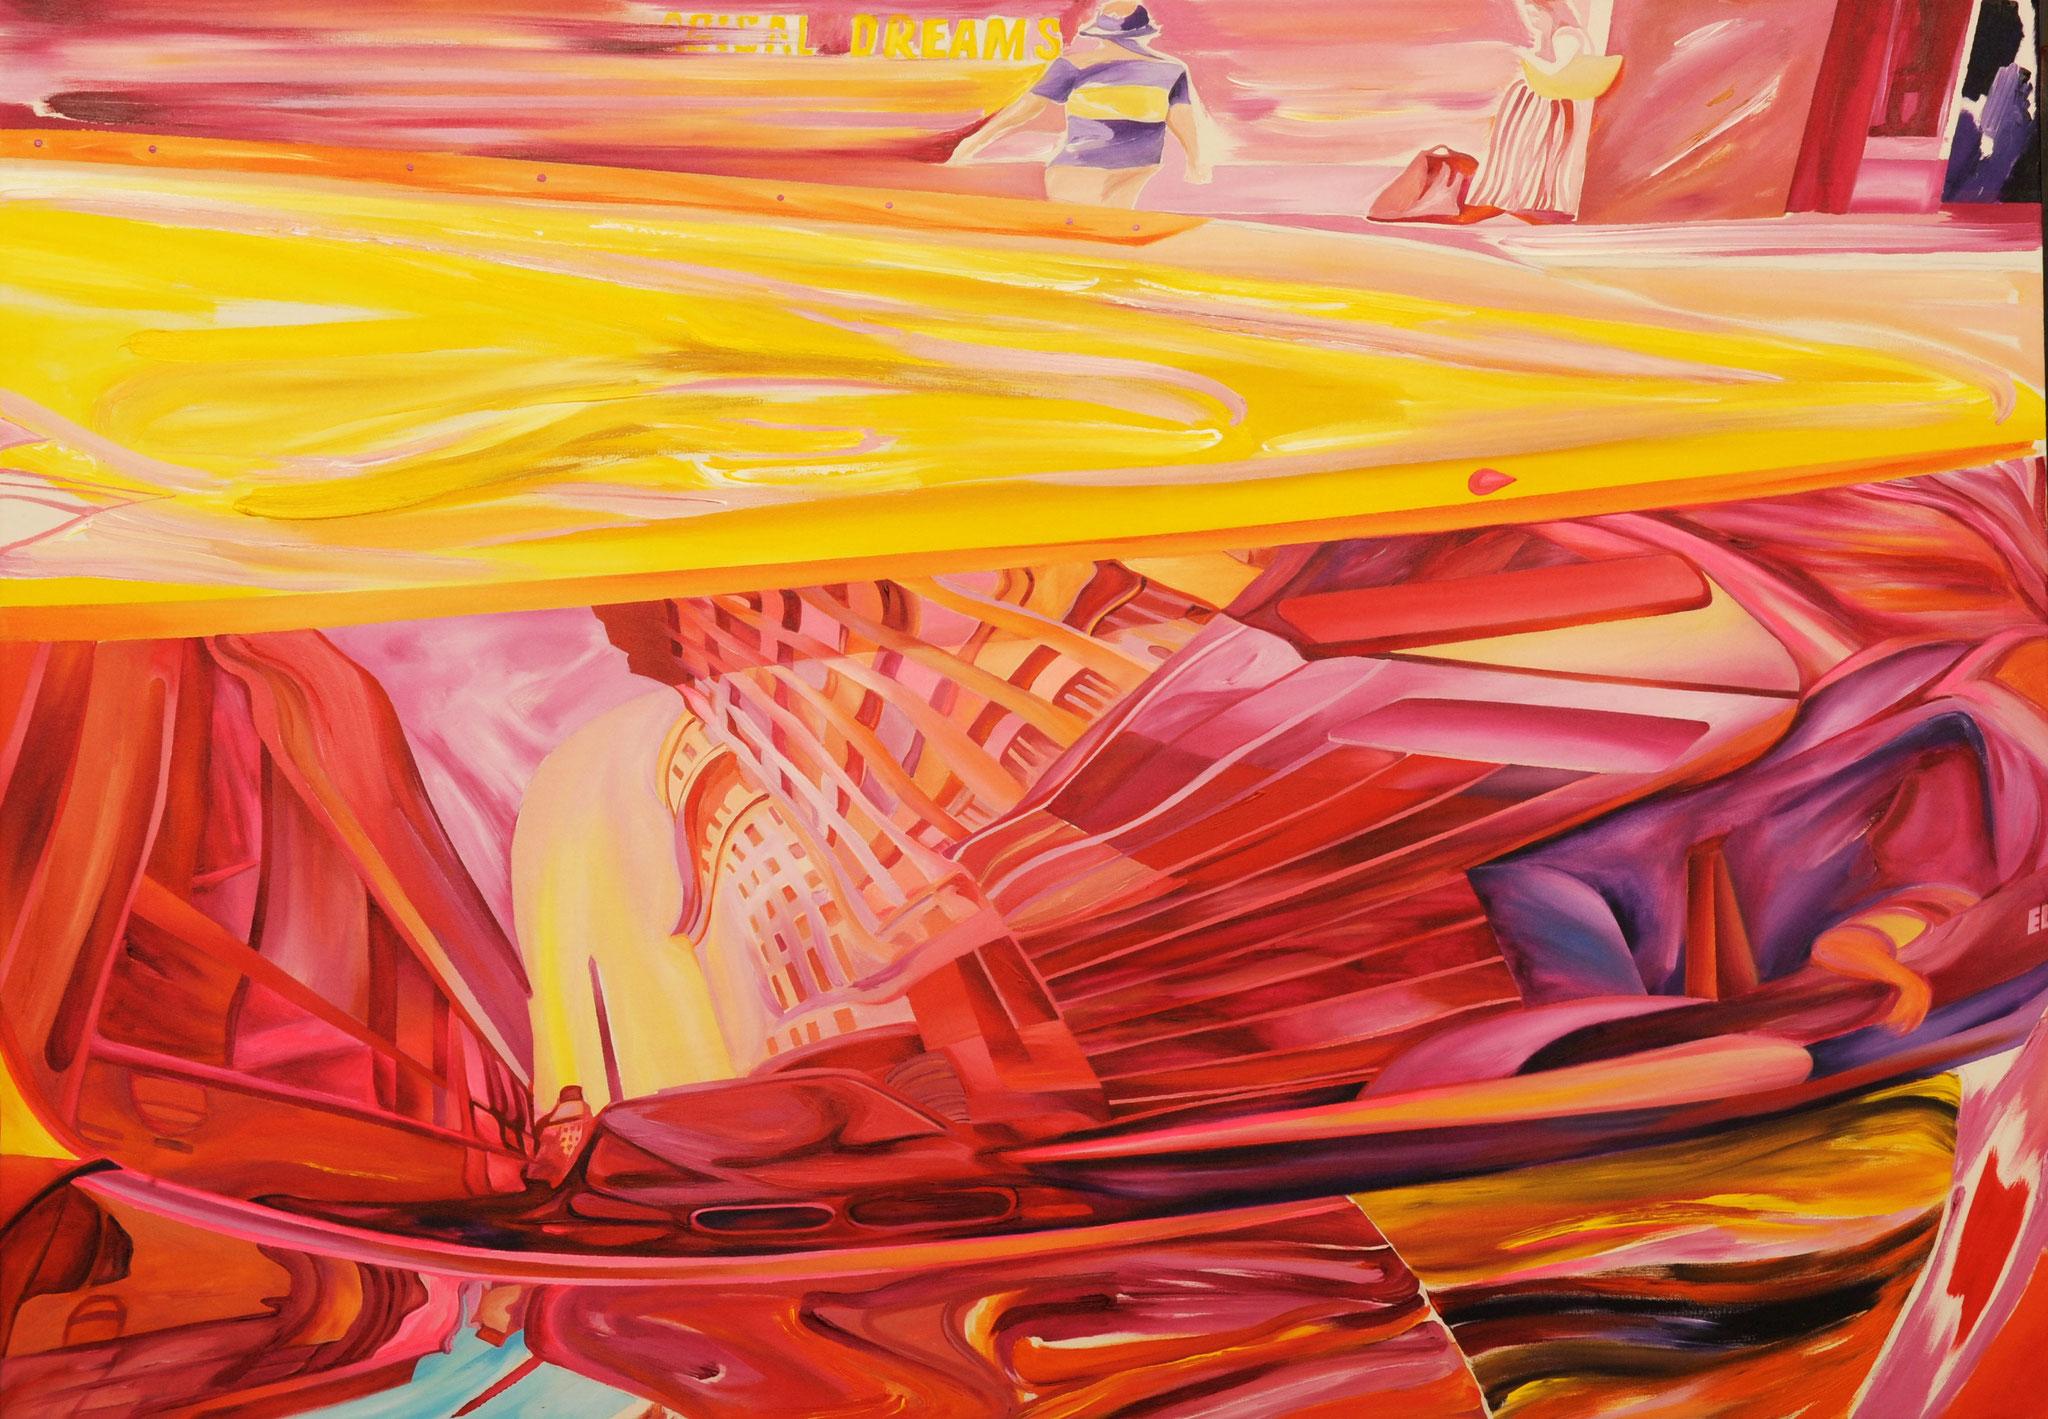 El Hincha 105 cm x 150 cm Acryl auf Leinwand 2016